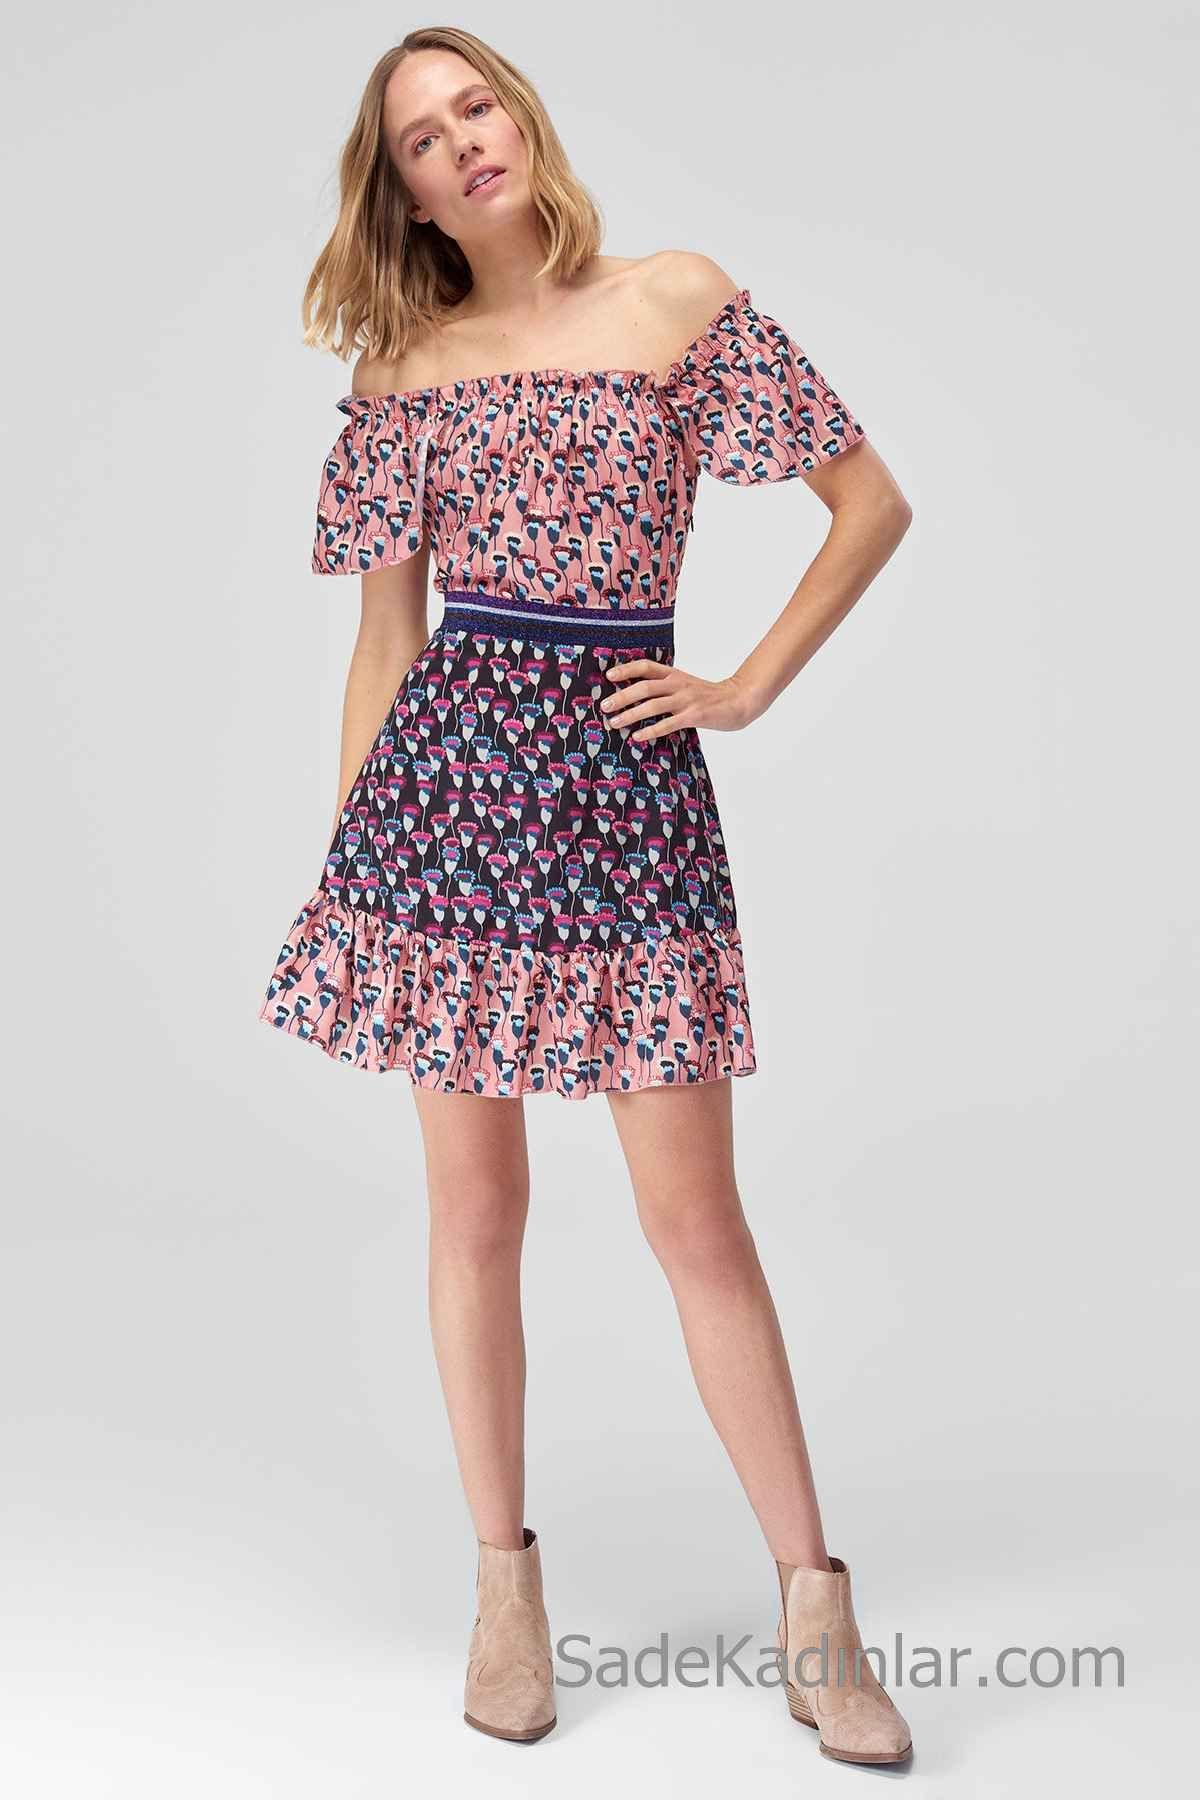 26d0d6be978df 2019 Günlük Elbise Modelleri Pembe Kısa Karmen Yaka Kısa Kollu Desenli  Ootd, Yazlık Kıyafetler,